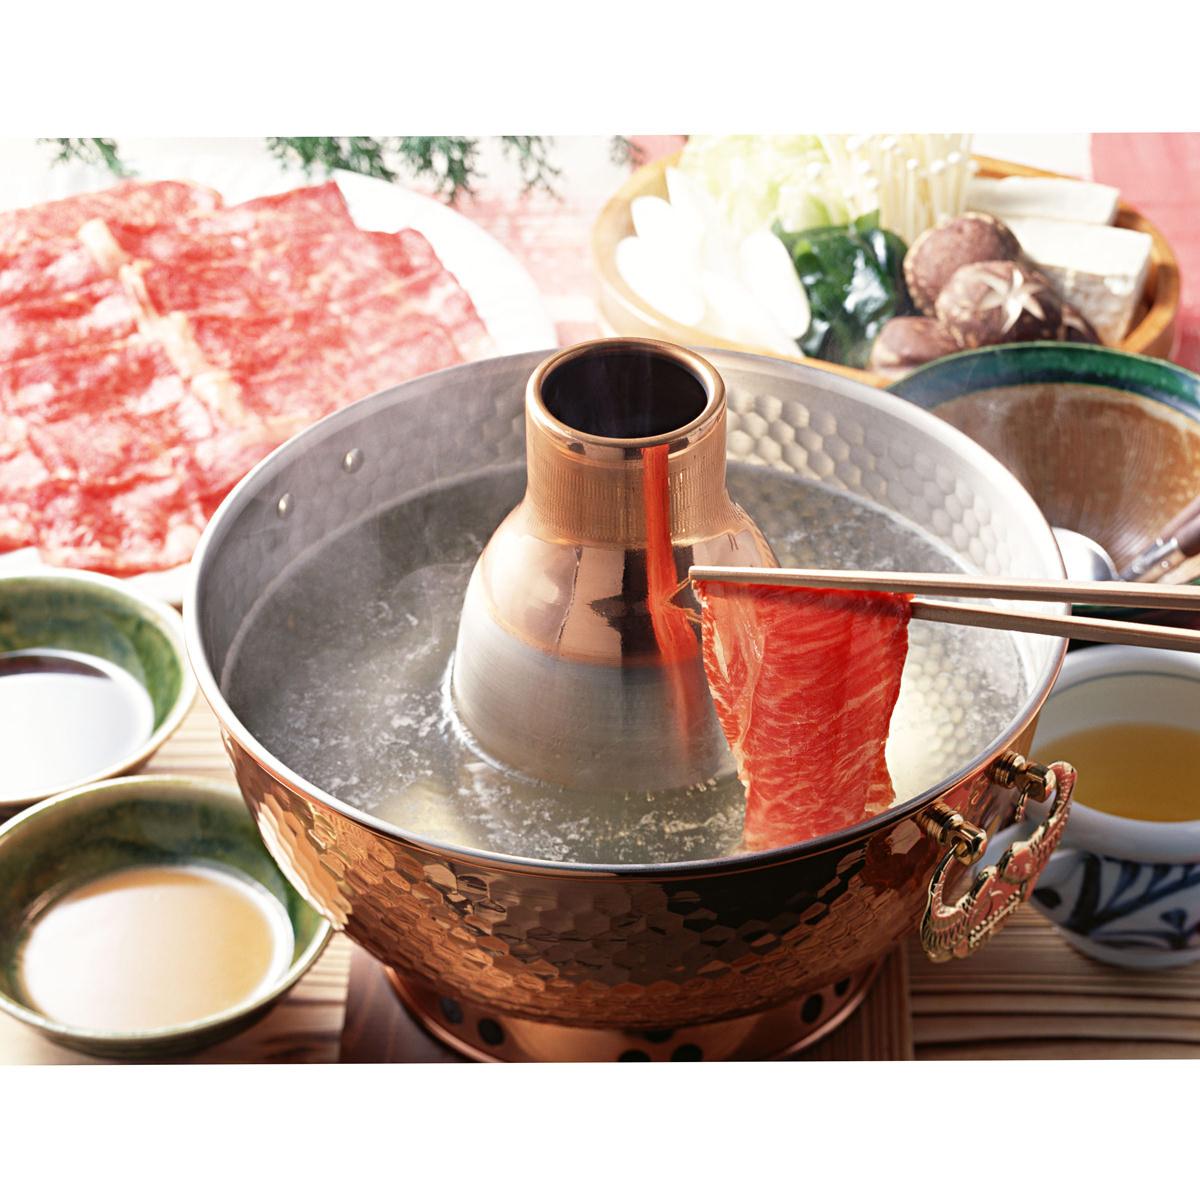 東京帝神 神戸牛 食べ比べセットH 600g〔バラスライス・赤身スライス・ローススライス 各200g〕